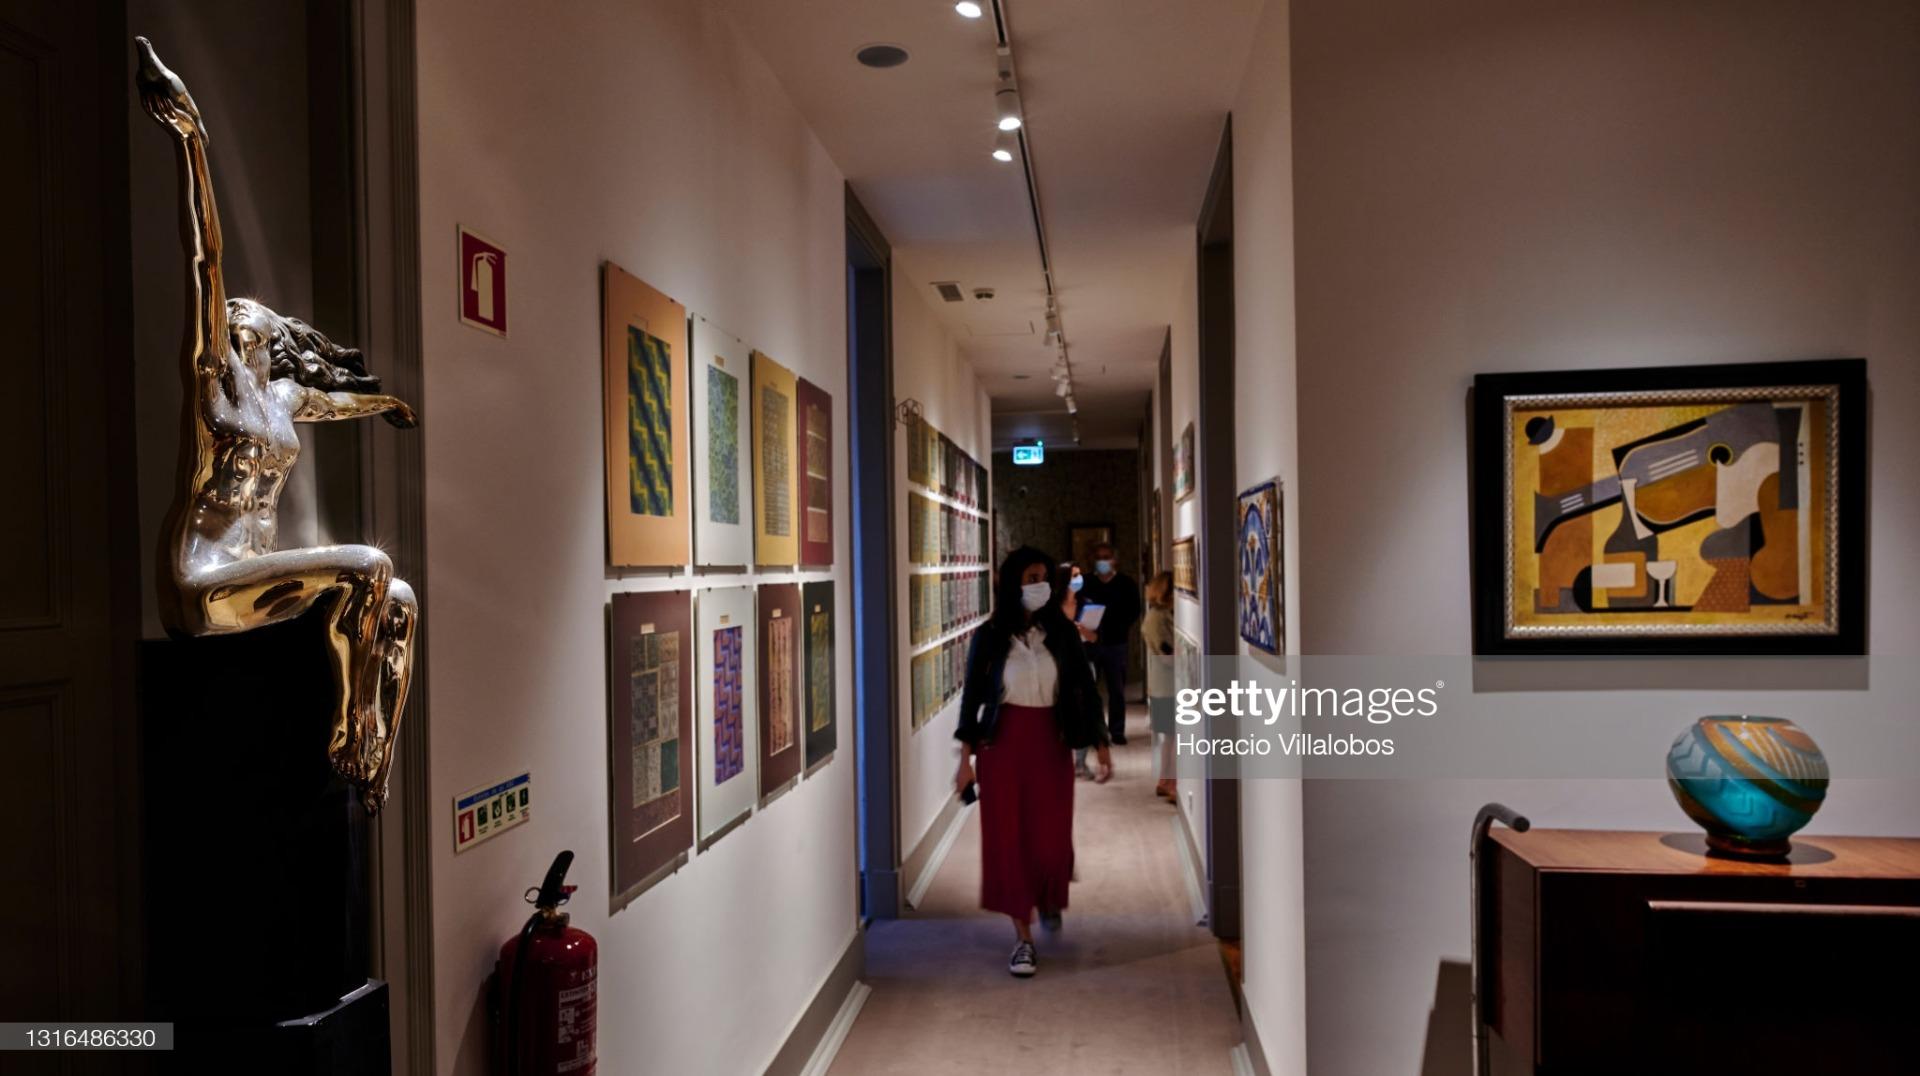 """<a href=""""http://aiep.eu/2021/05/21/correspondentes-visitam-o-novo-museu-b-mad/"""">Correspondentes visitam o novo museu B-MAD</a>"""